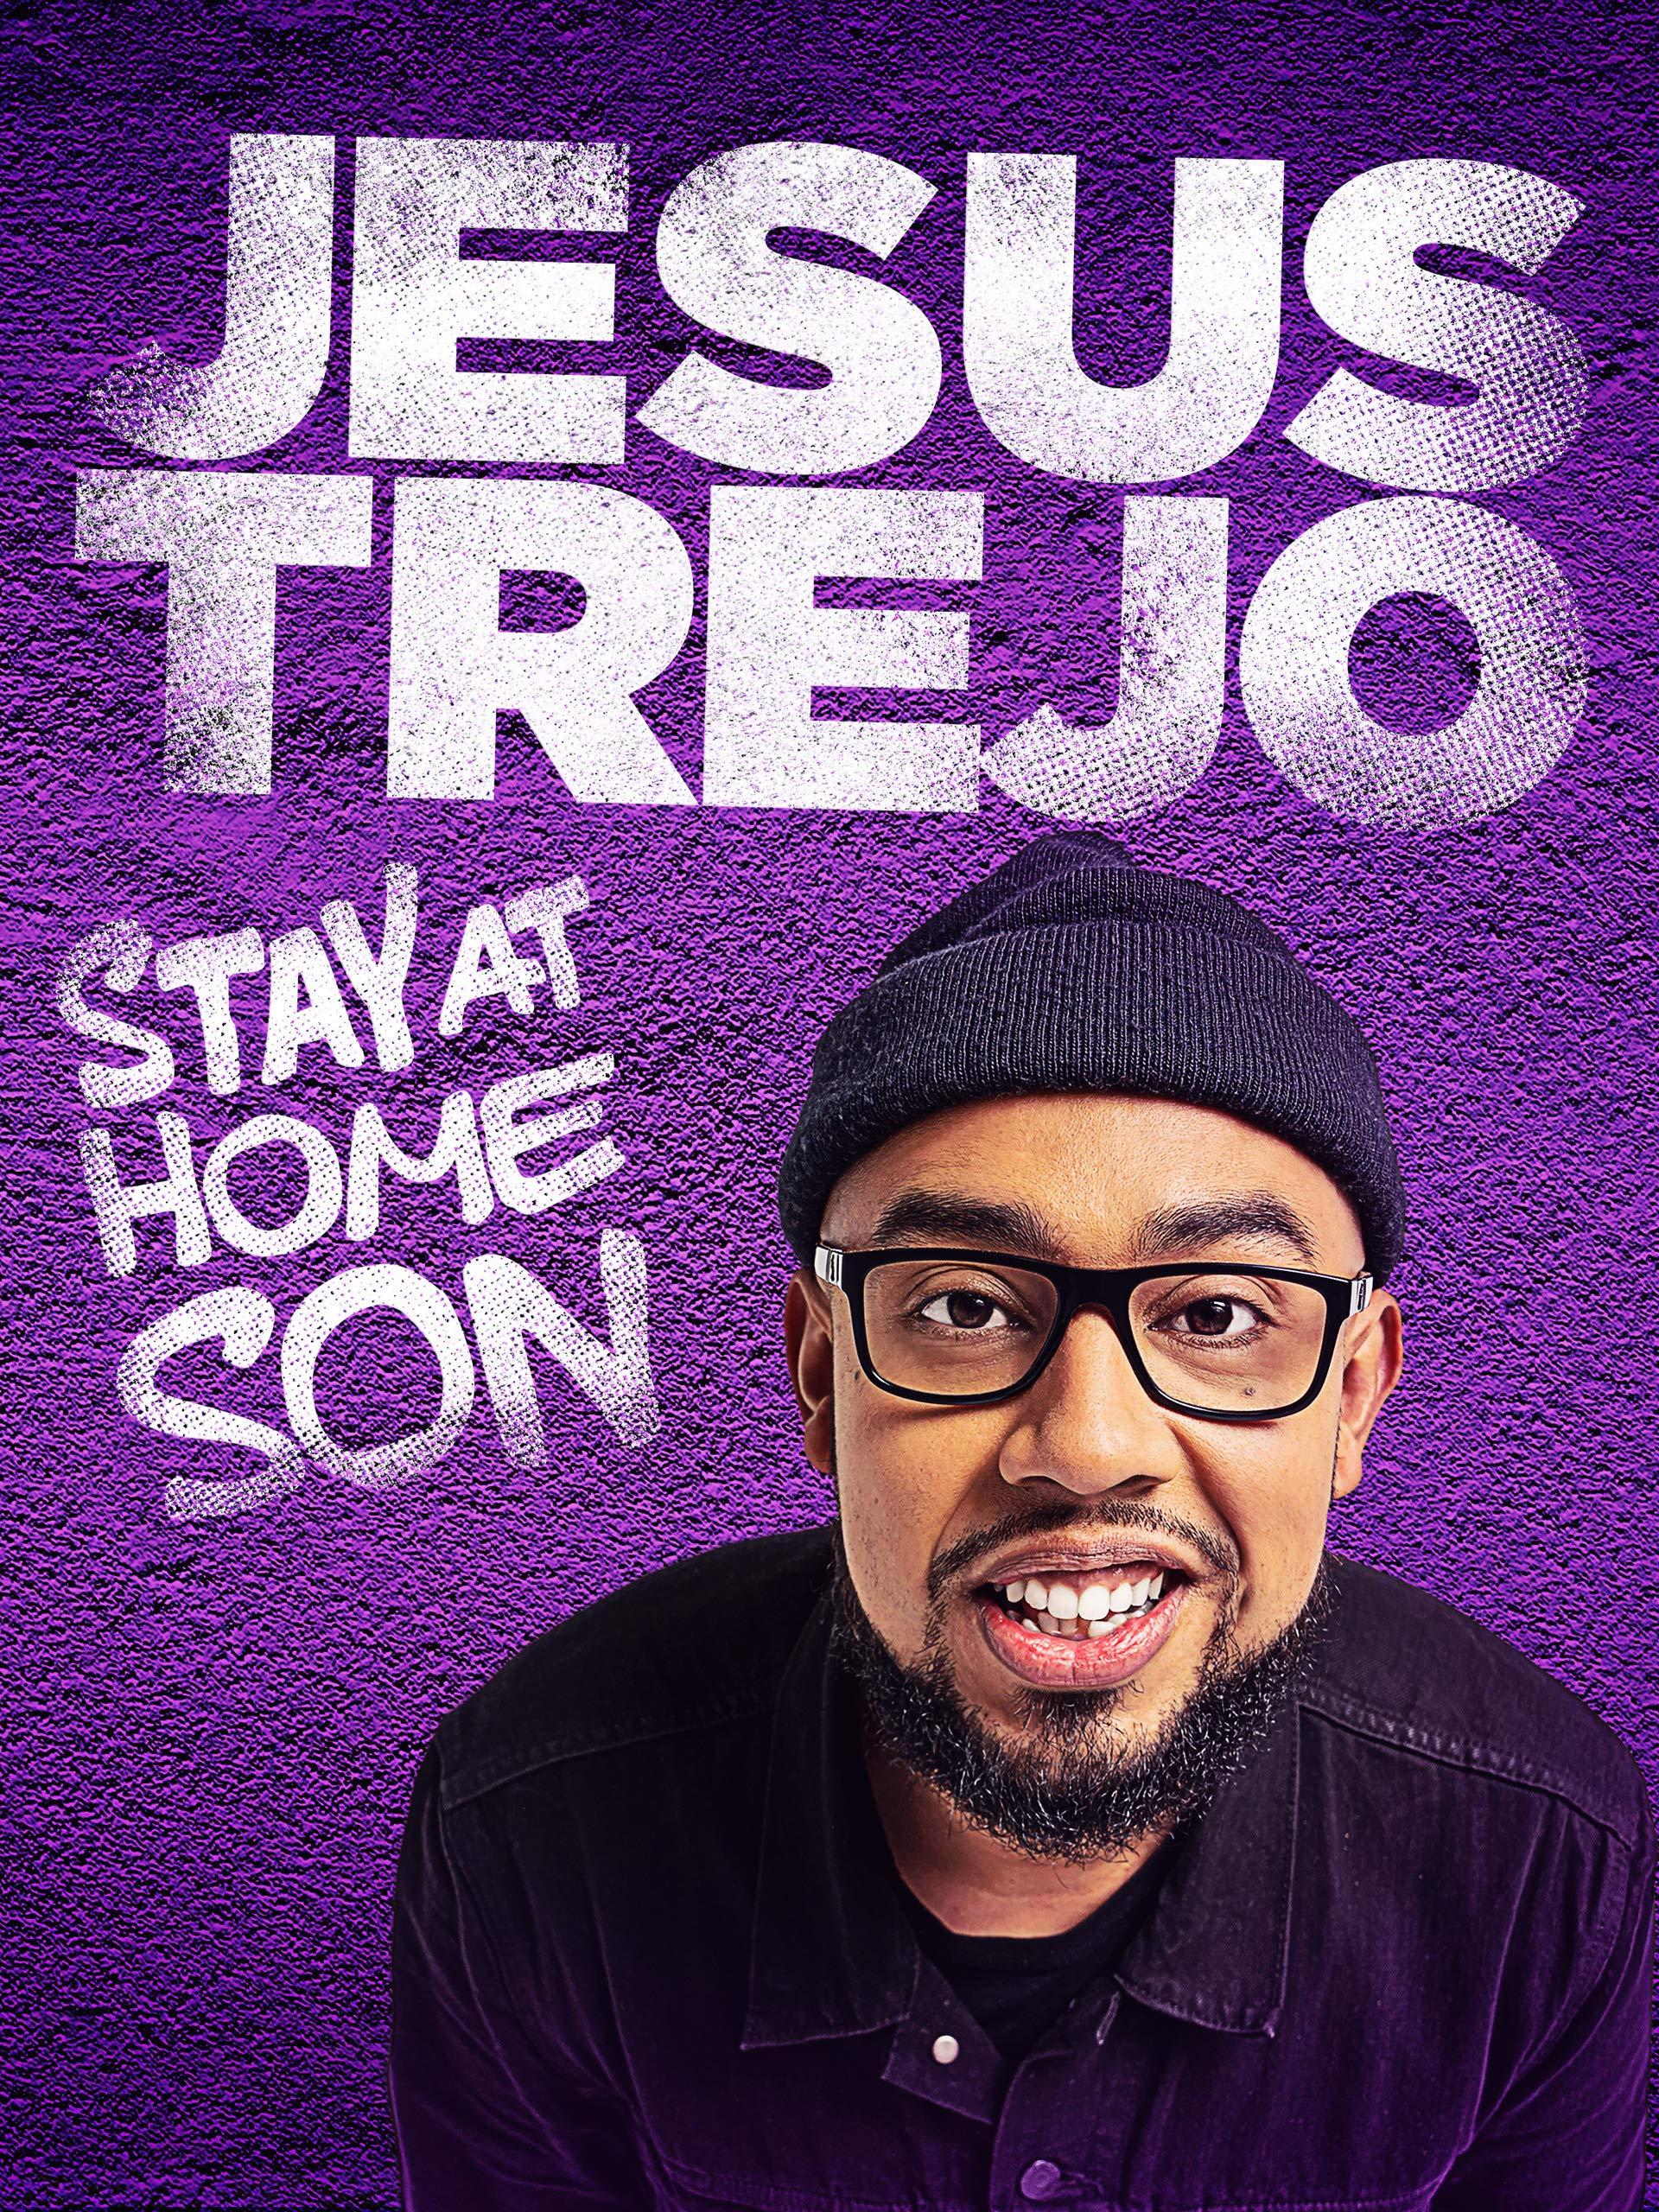 Jesus Trejo: Stay At Home Son on Amazon Prime Video UK